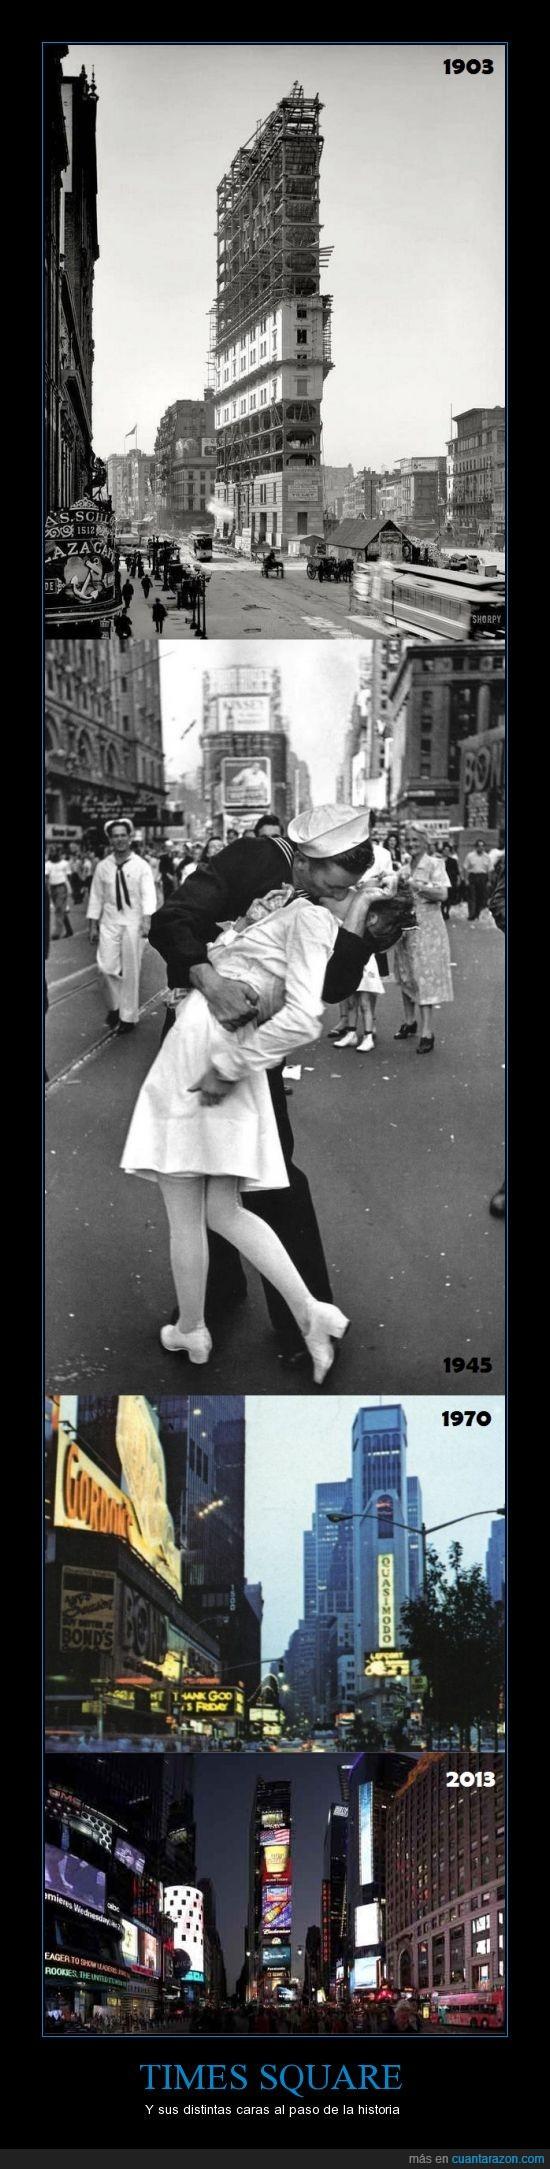 beso,caras,historia,Times Square